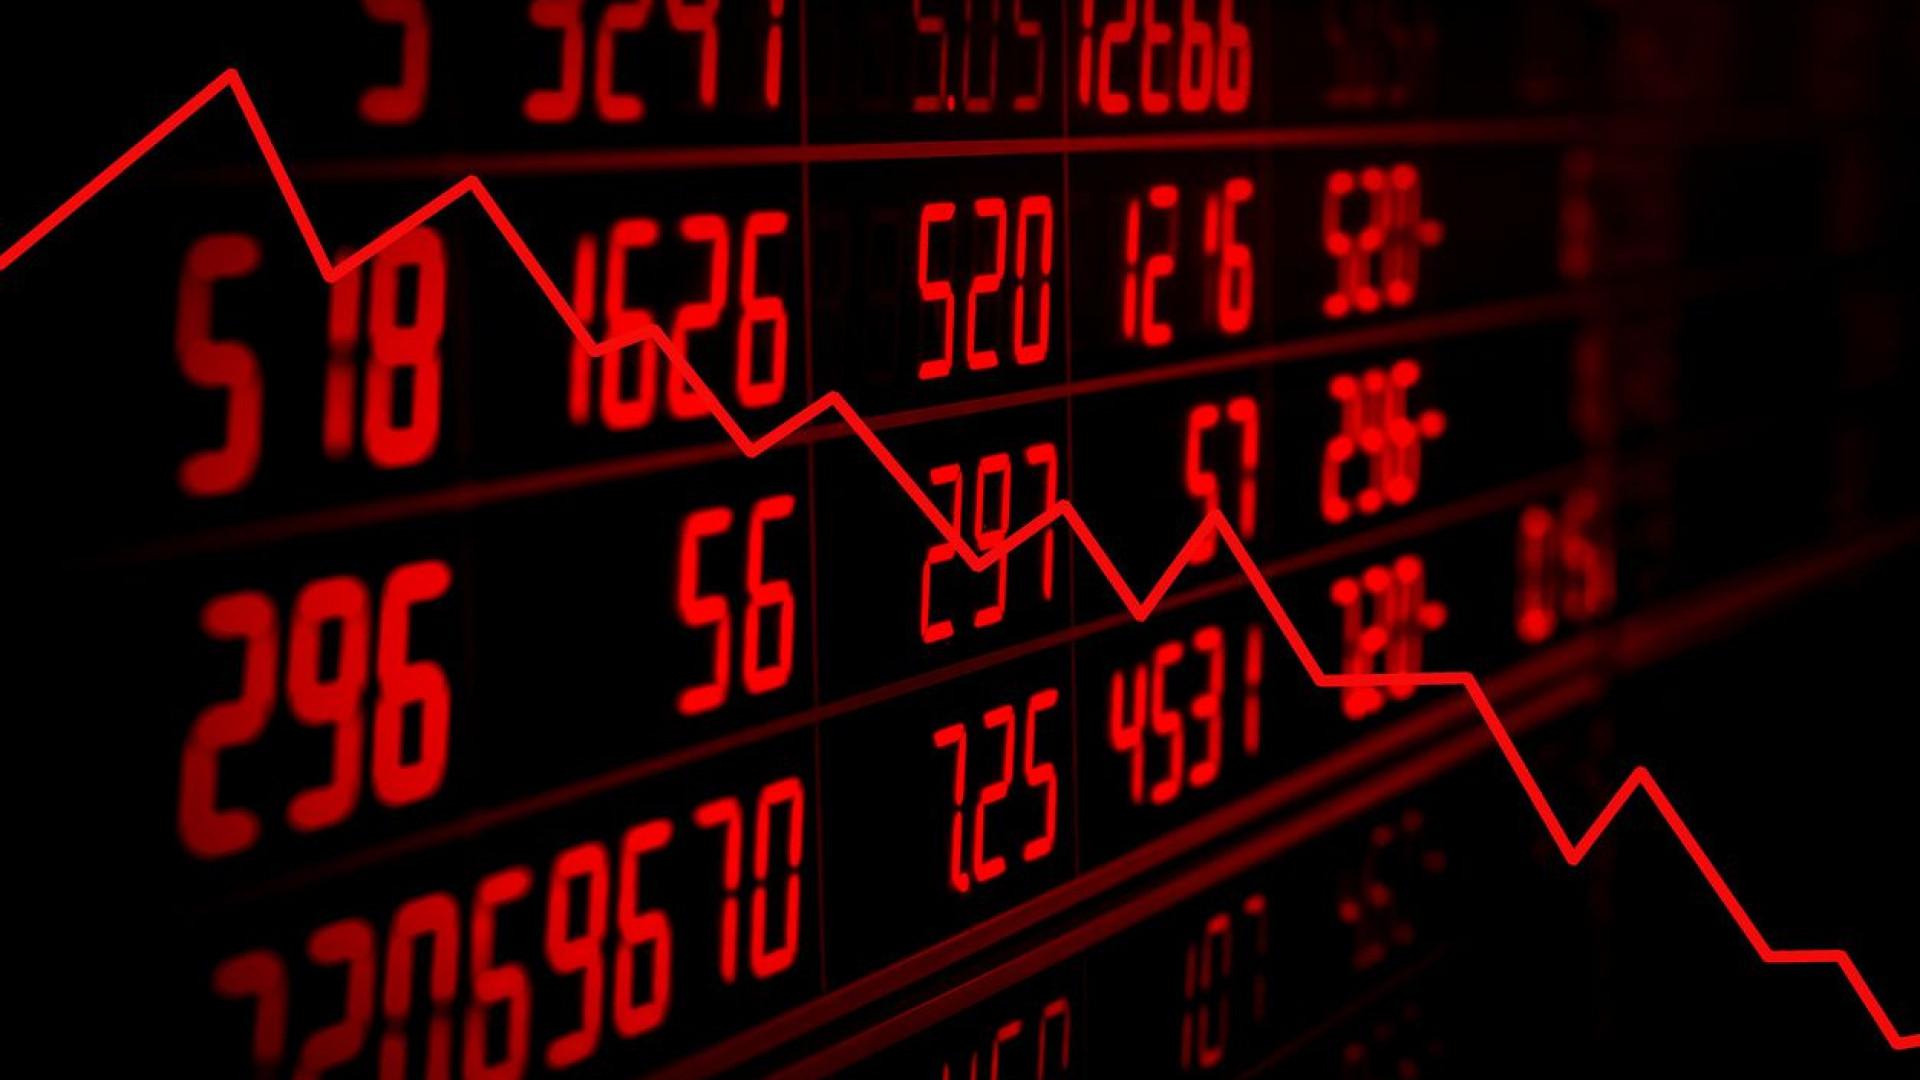 O que se passou com as bolsas? Investidores falam em correção